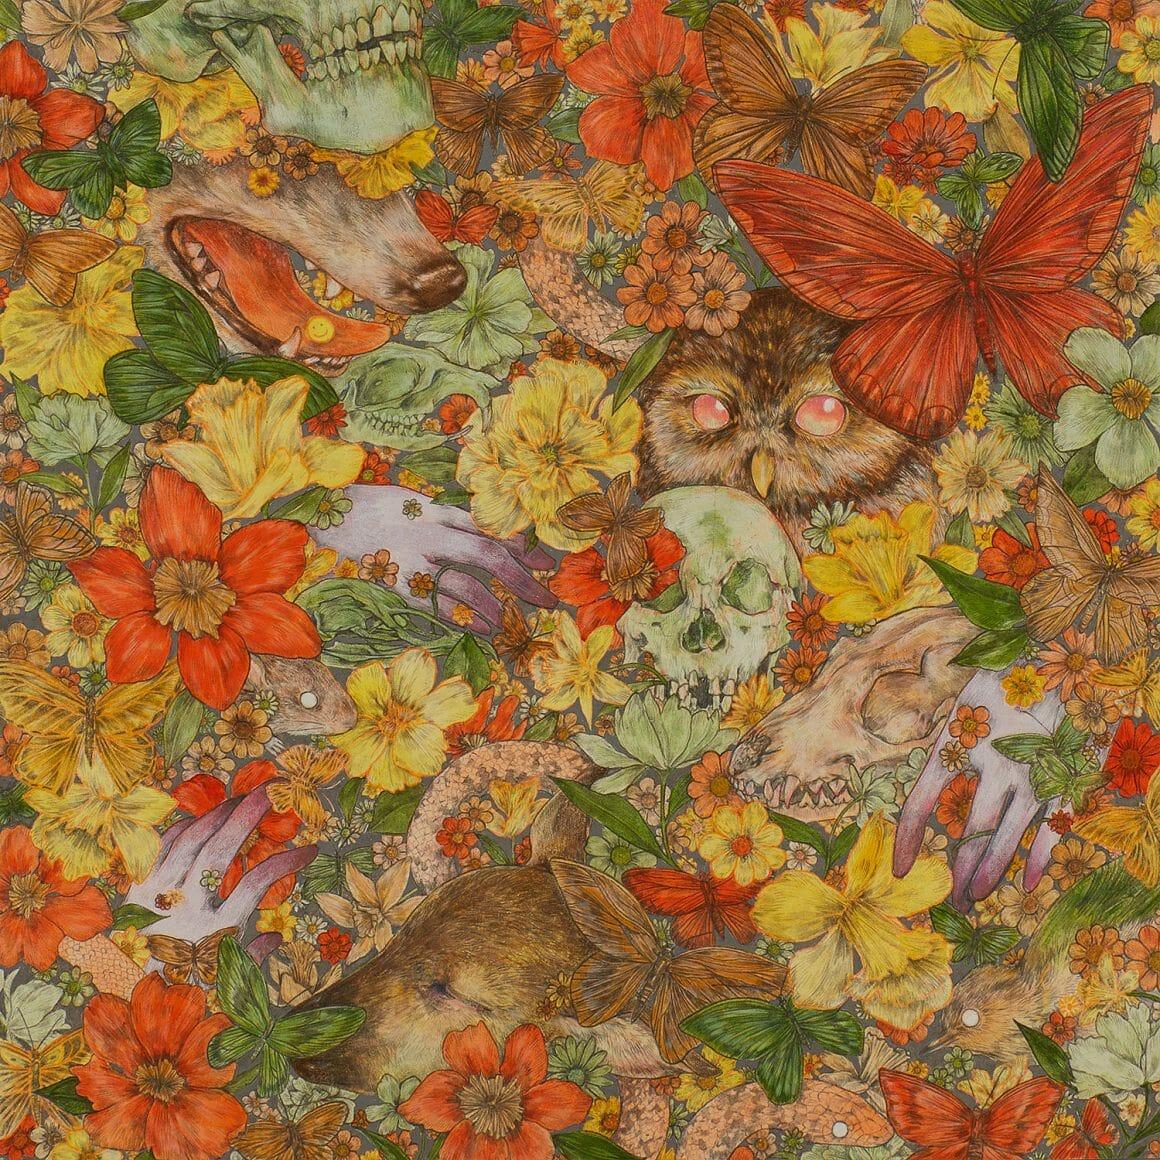 Peinture de Fumi Nakamura, fleurs oranges et jaune, des mains sortent d'entre elles ainsi  qu'un hibou, des oiseaux, des papillons, une tête de loup et une tête de cerf